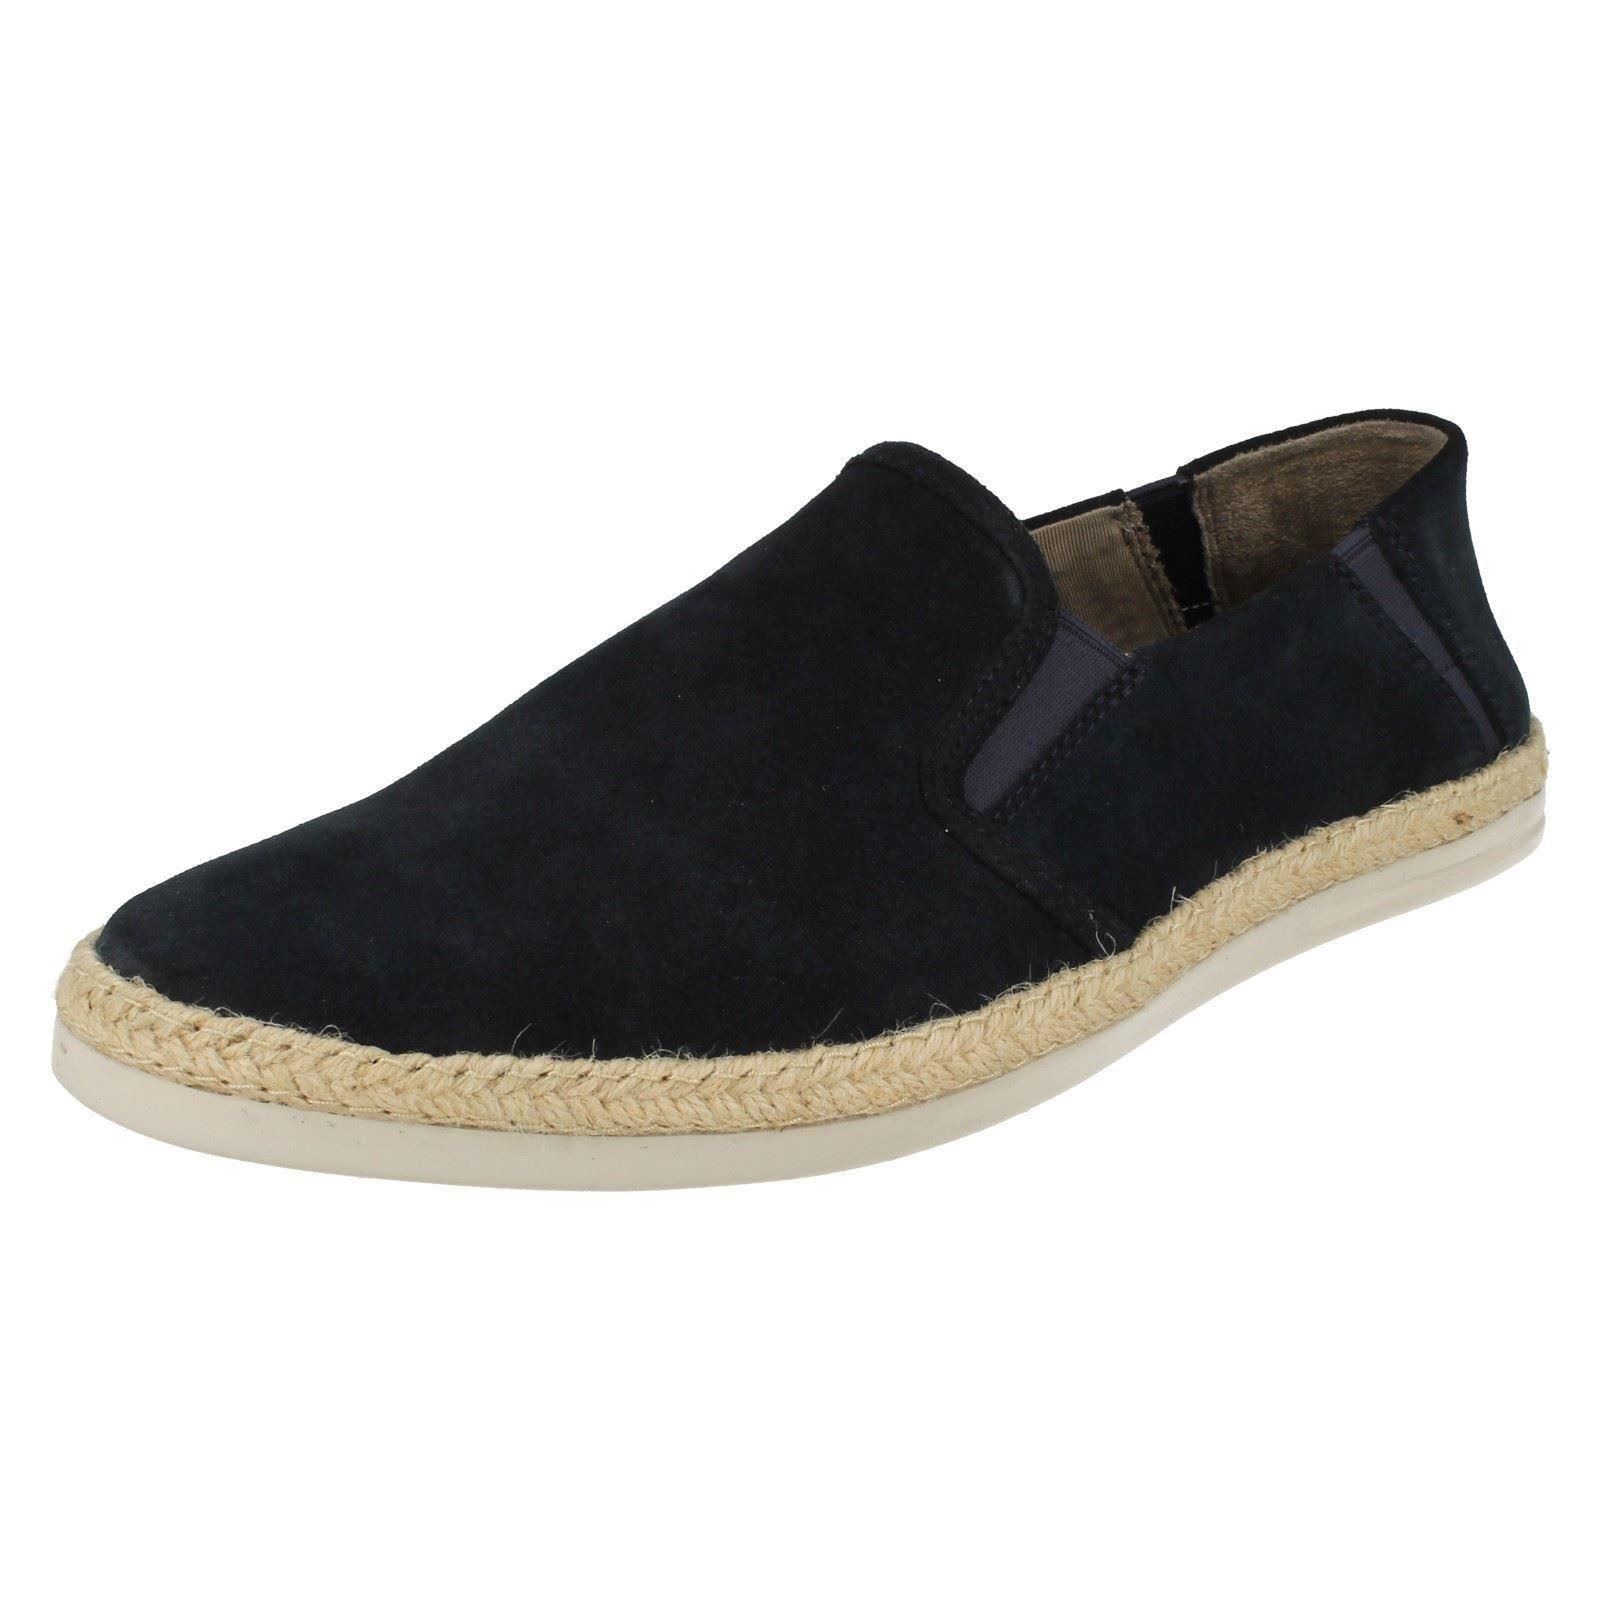 Detalles de Hombre Clarks Zapatos sin Cordones Casuales' Bota Step '